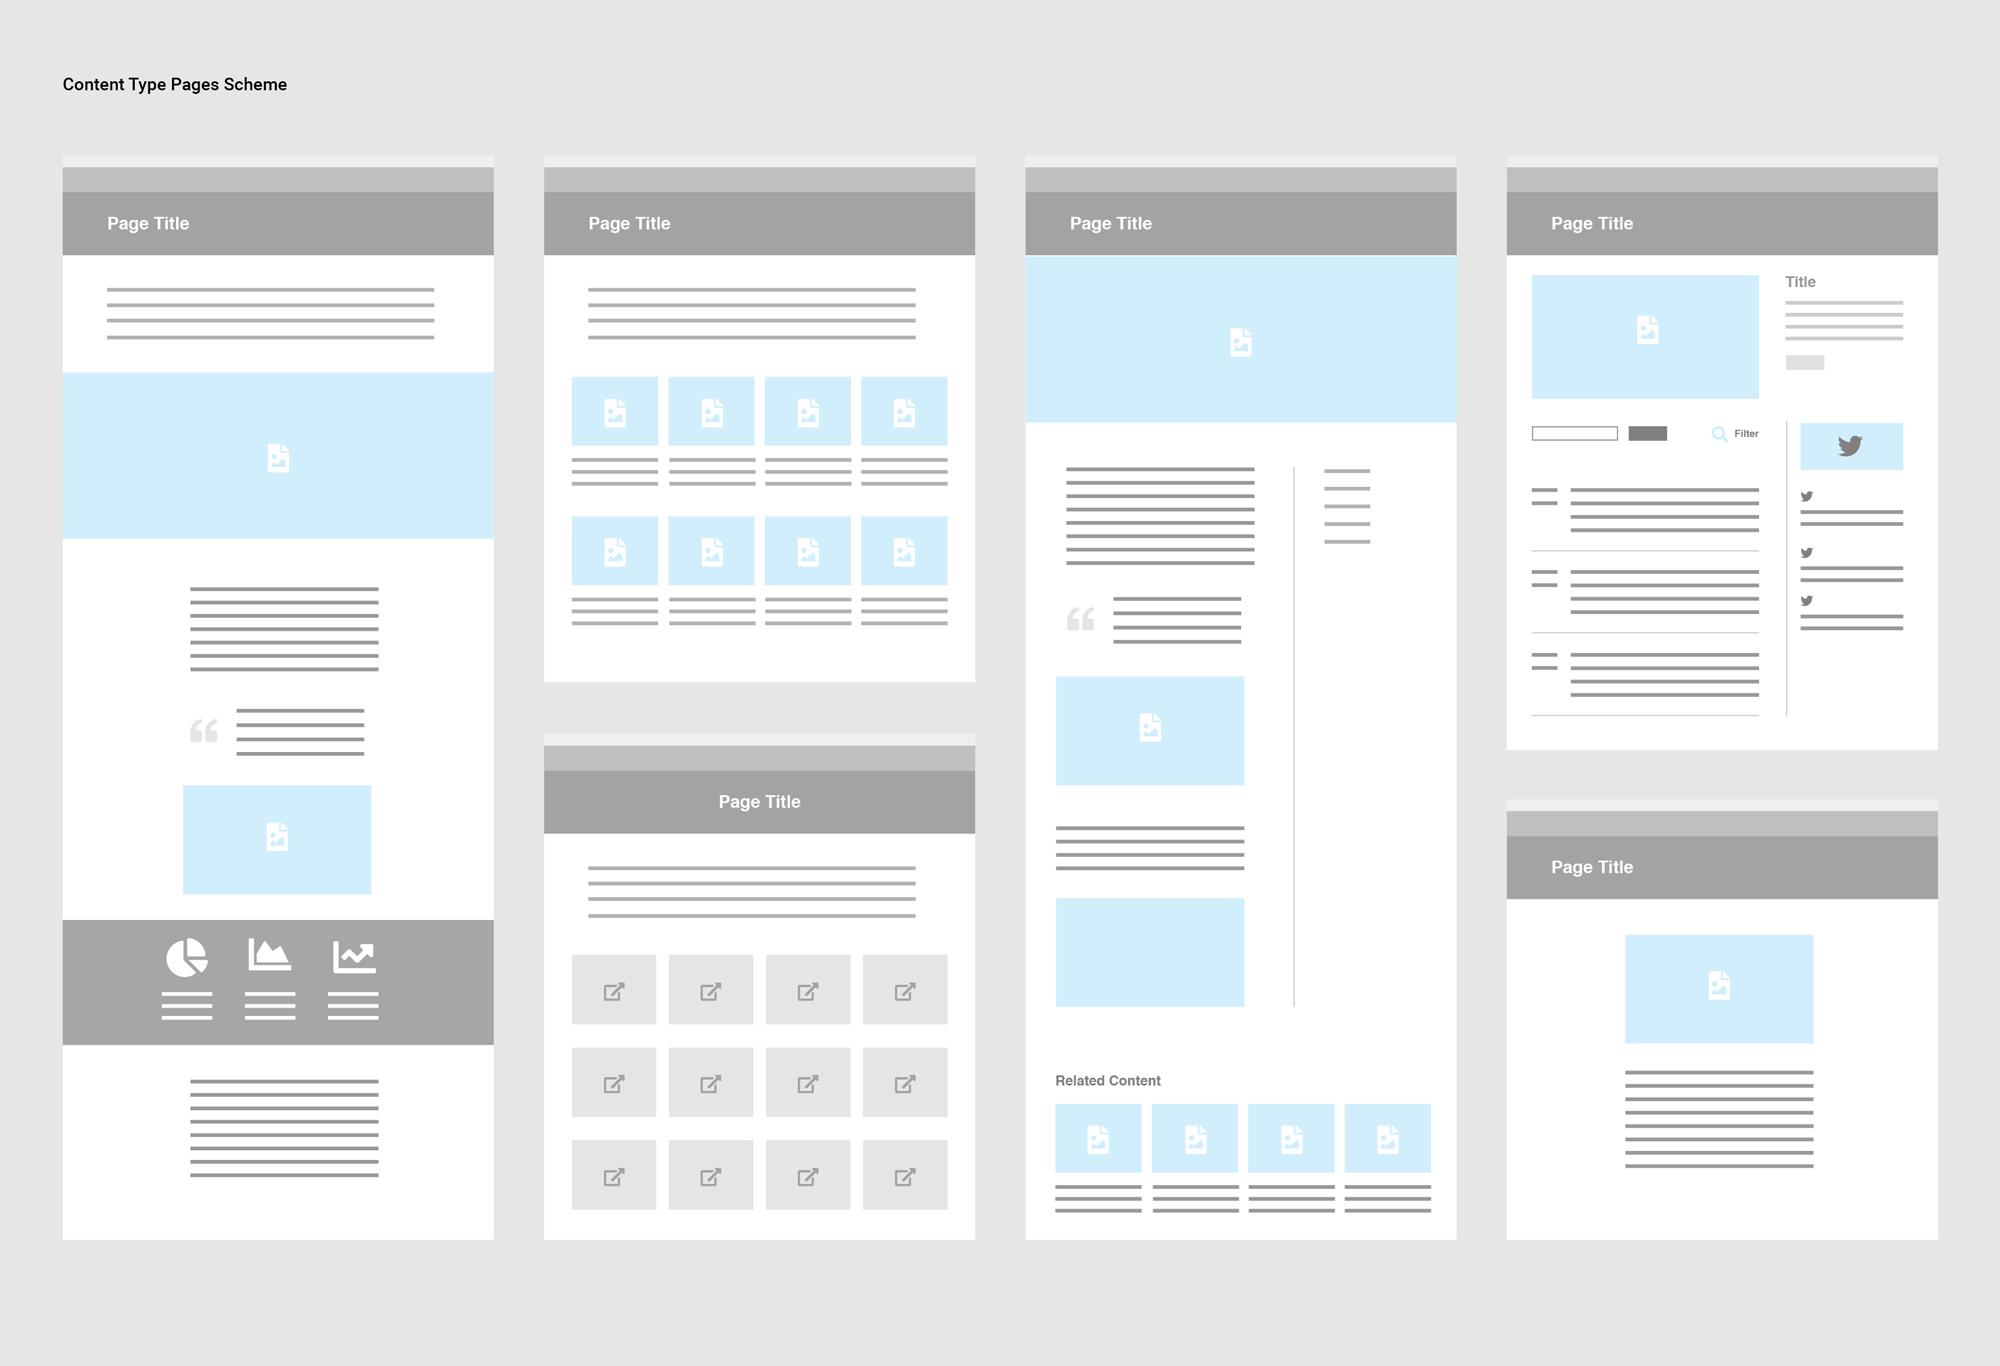 Nasc Ireland Website Information Architecture